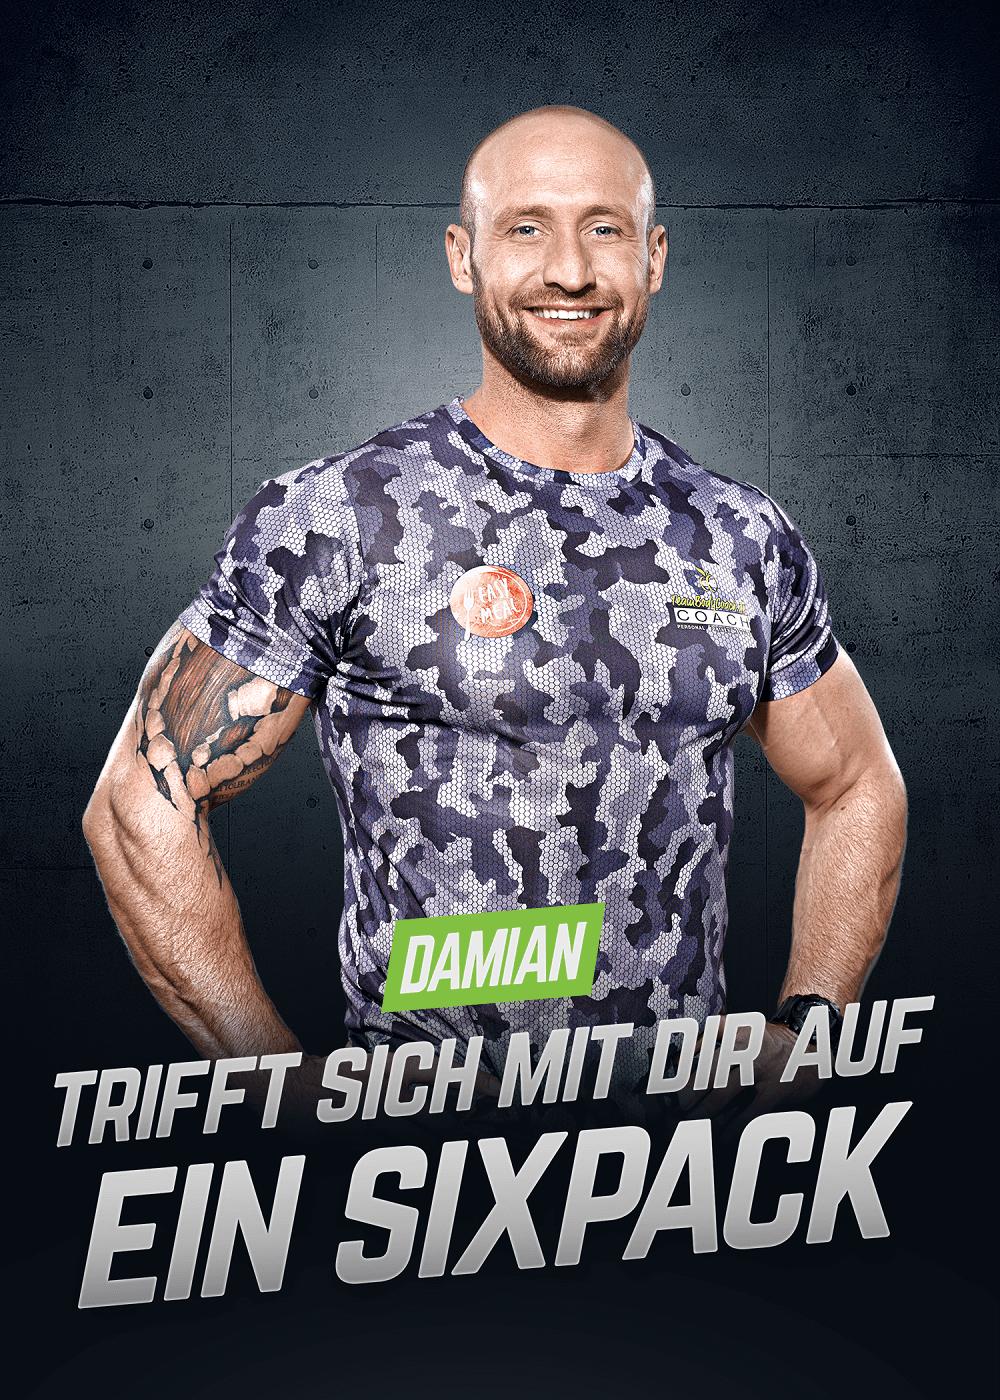 Personal Fitness Trainer Damian trifft sich mit dir auf ein Sixpack